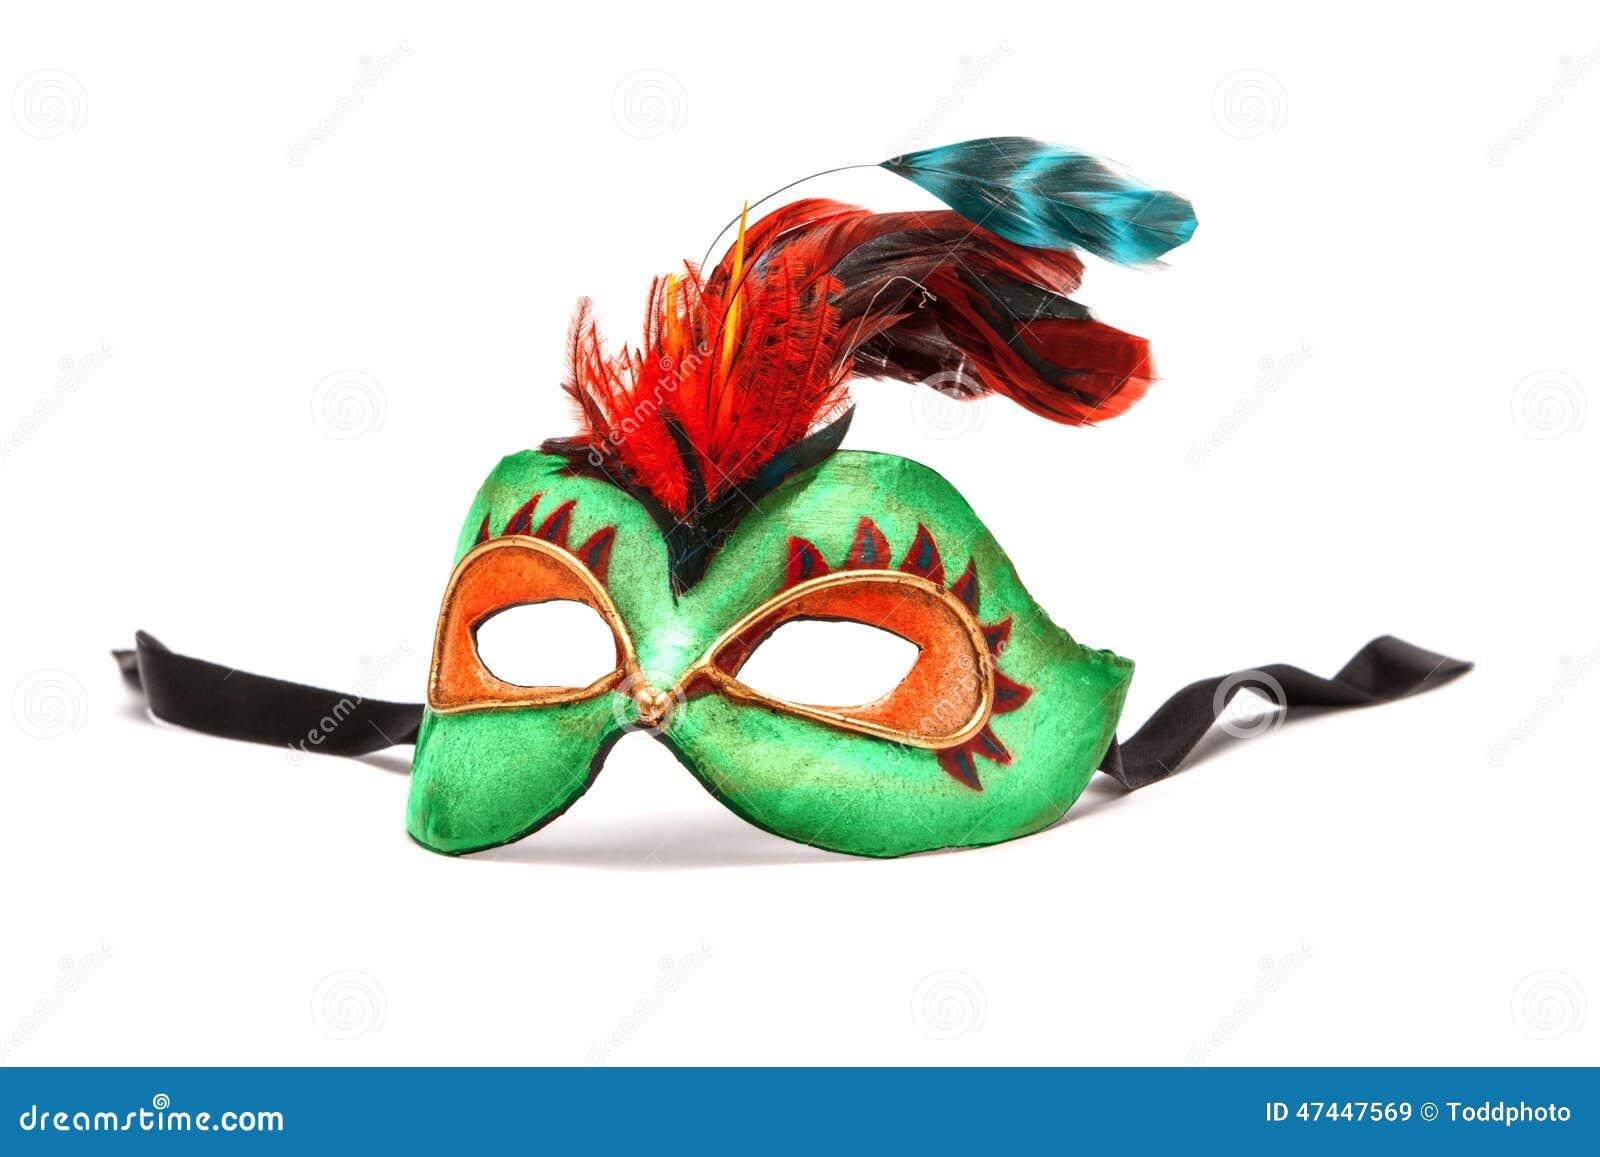 Grüner Mardi Gras Mask mit Federn auf weißem Hintergrund mit bla